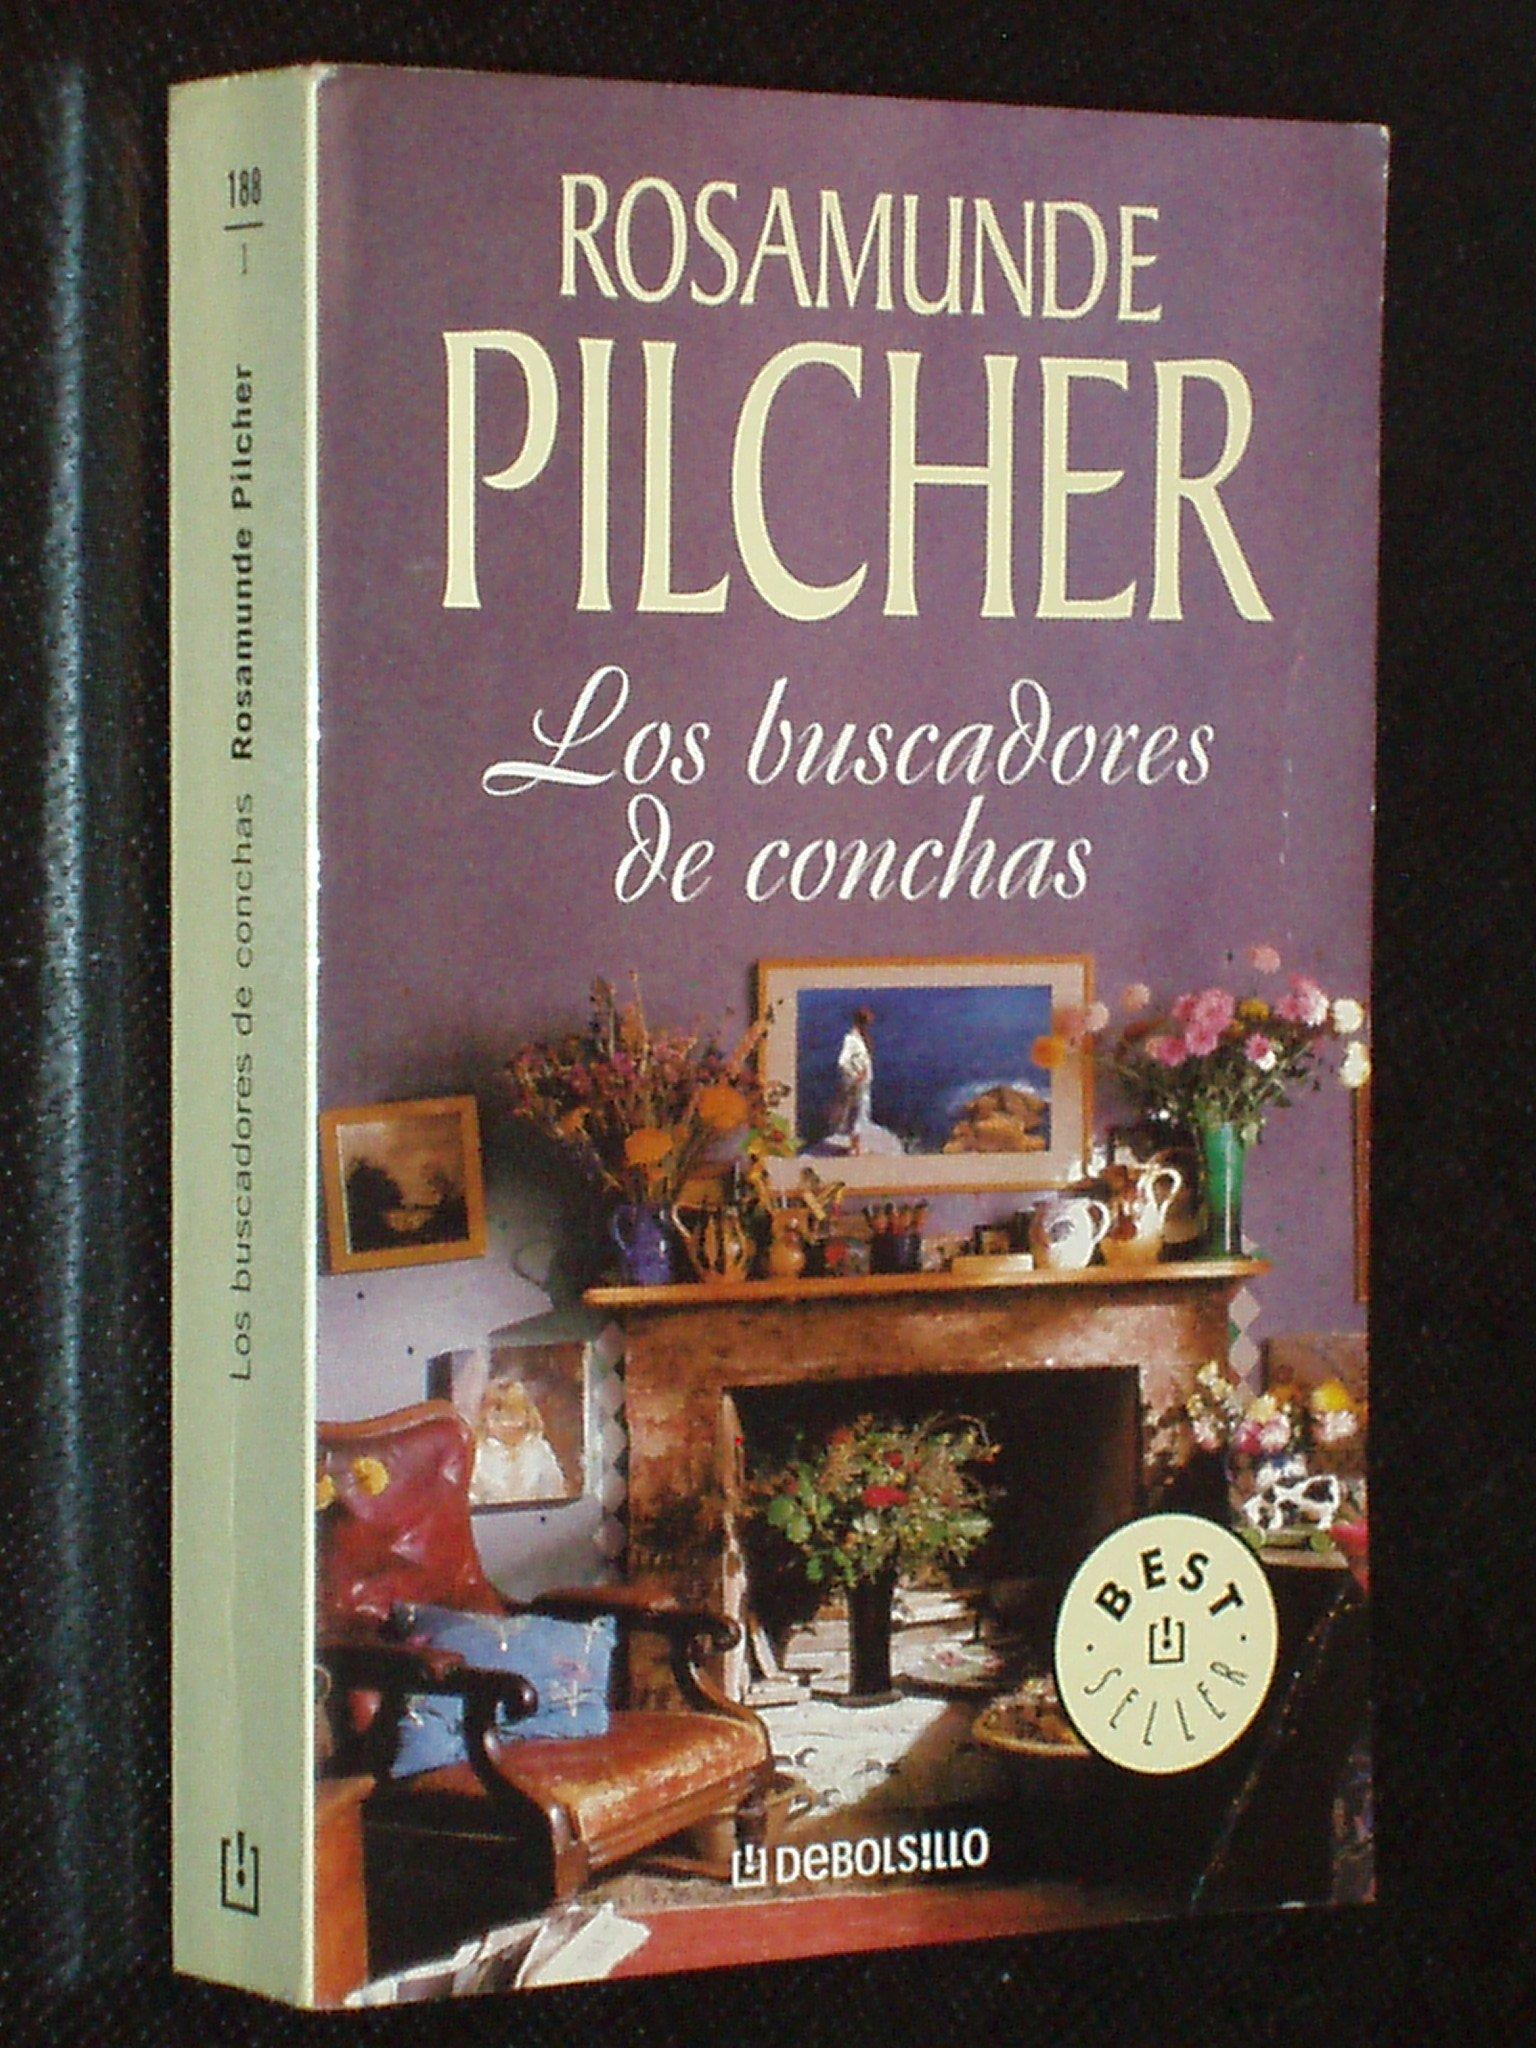 LOS BUSCADORES DE CONCHAS: Amazon.es: Rosamunde Pilcher: Libros